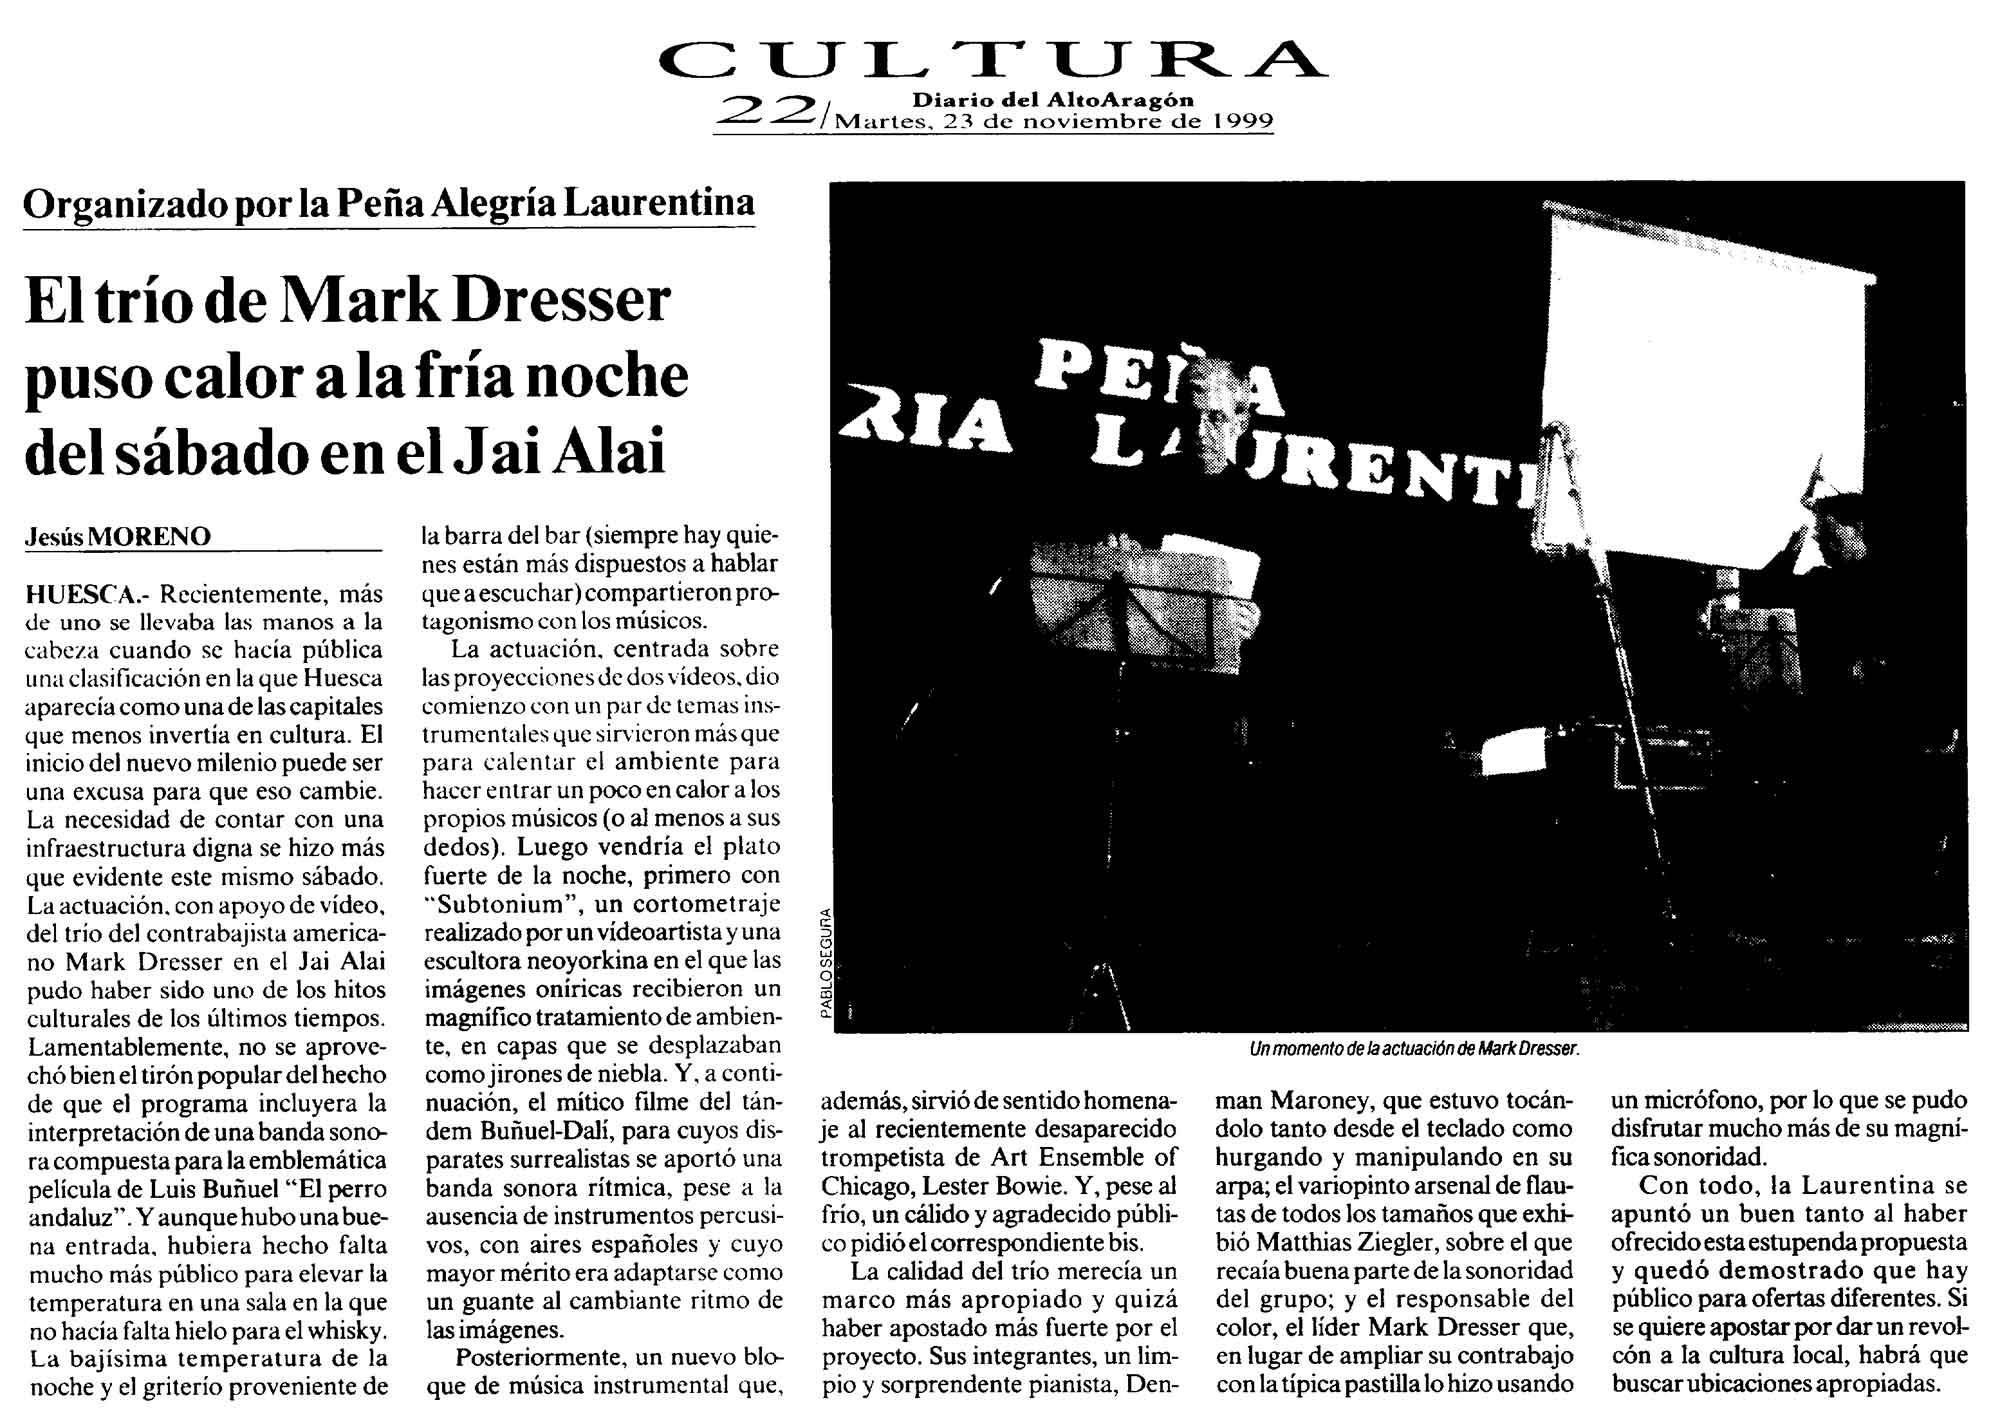 Crónica del concierto de Mark Dresser en el Jai-Alai.